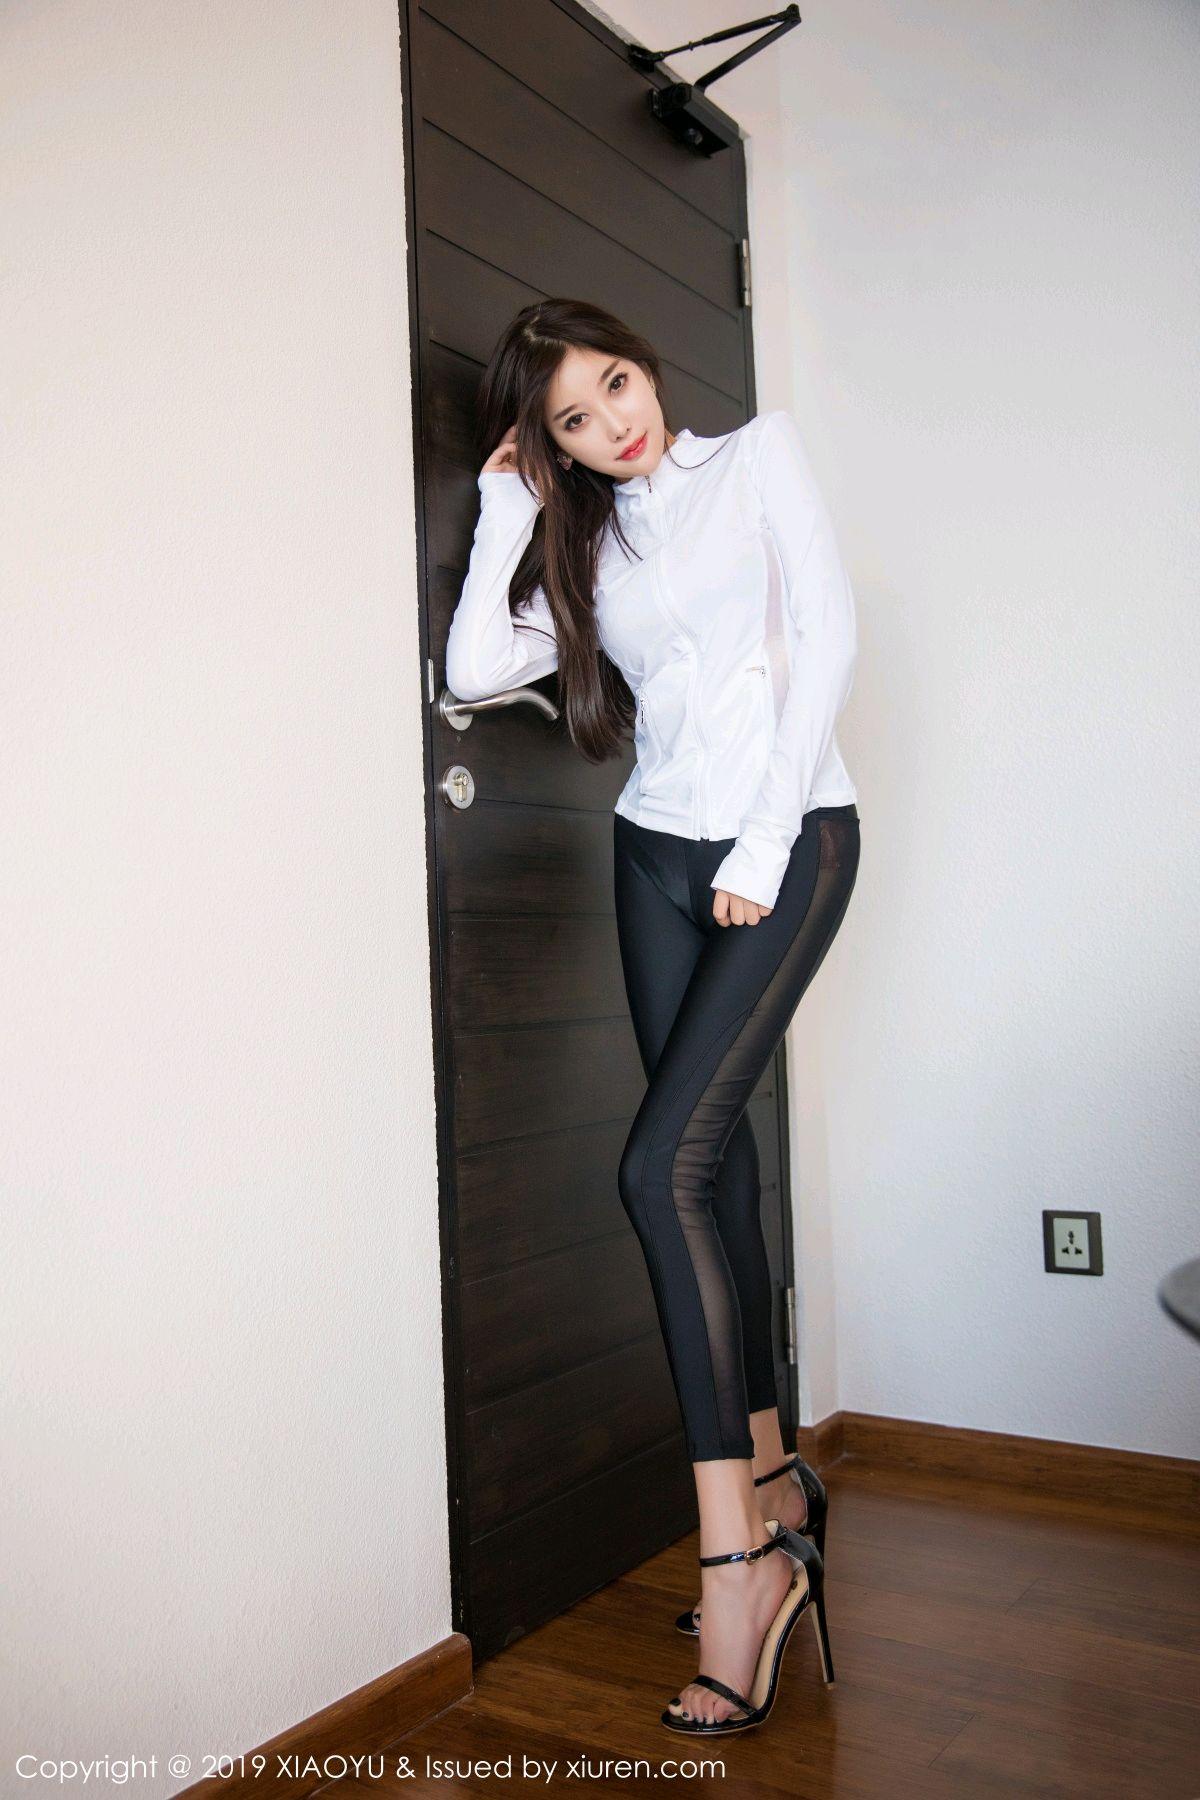 [XiaoYu] Vol.077 Yang Chen Chen Sugar 3P, Underwear, XiaoYu, Yang Chen Chen